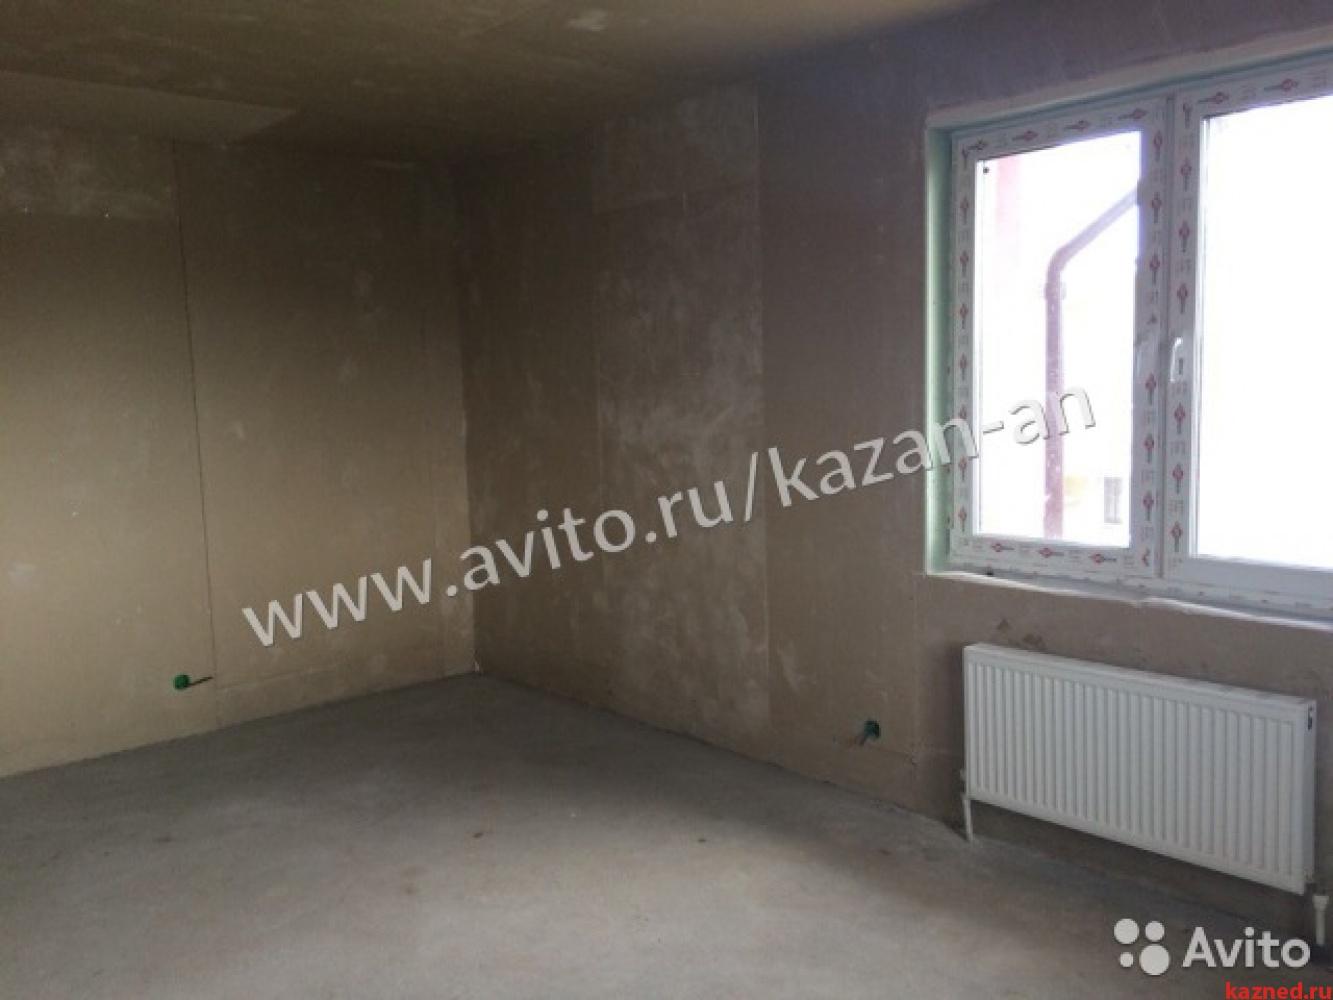 Продажа 1-к квартиры ЖК Светлый.СДАННЫЙ, 49 м²  (миниатюра №4)